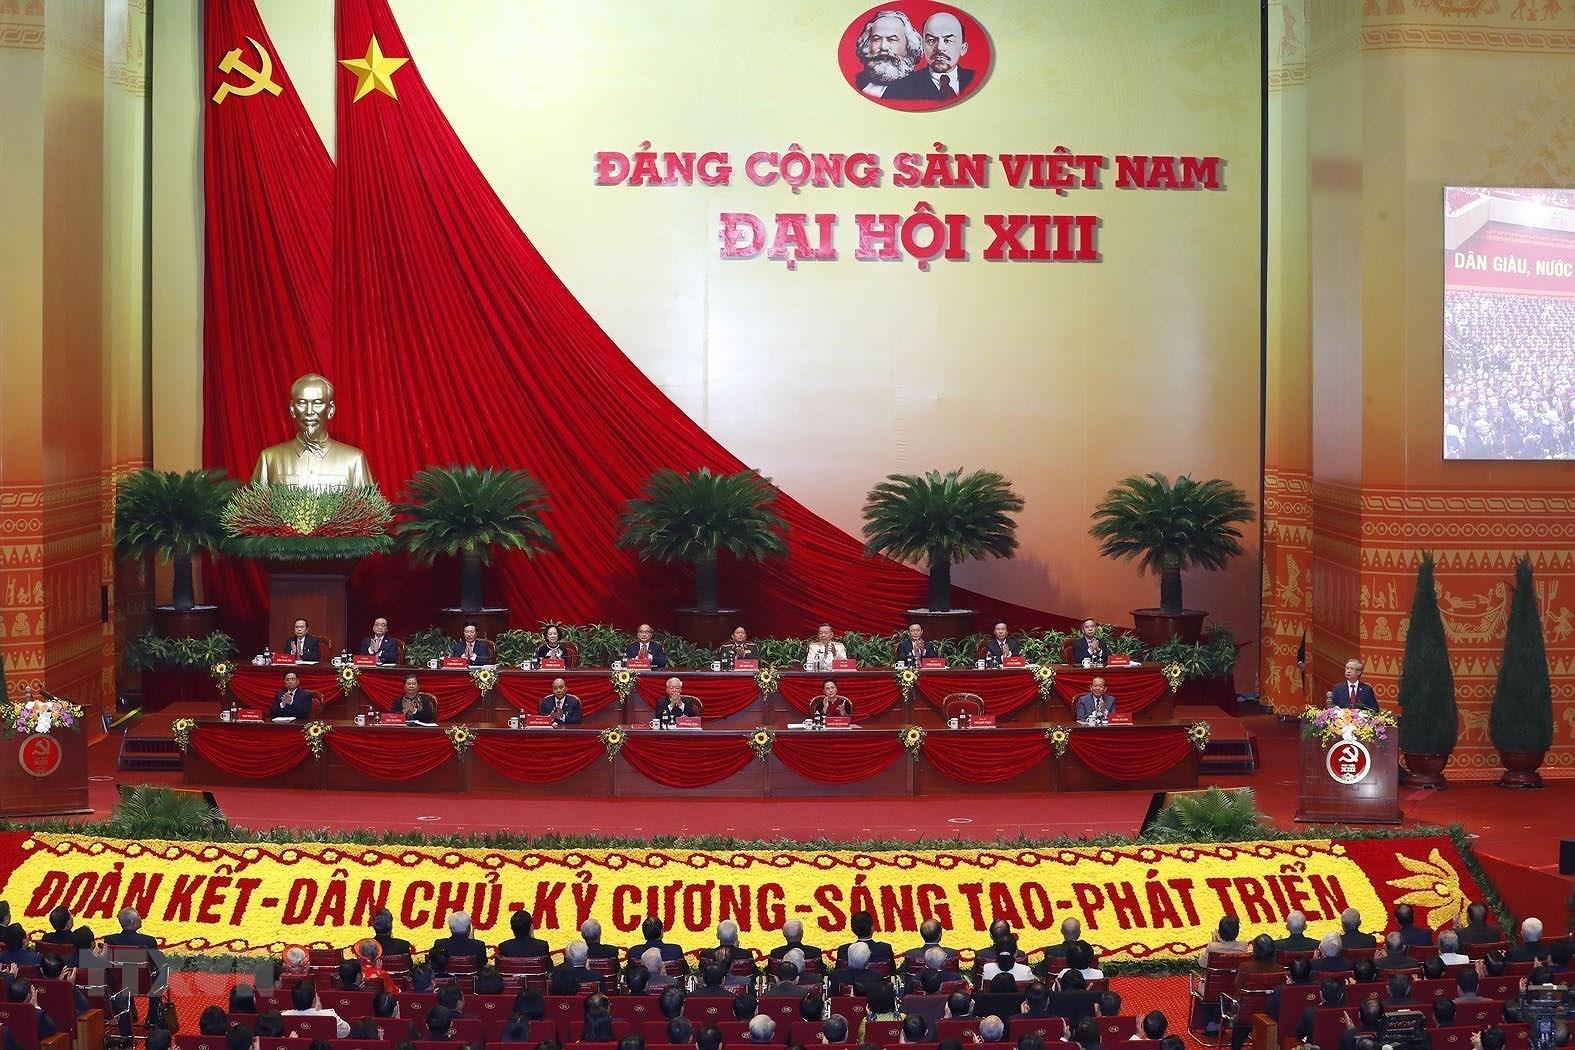 Hinh anh le khai mac trong the Dai hoi lan thu XIII Dang Cong san hinh anh 10